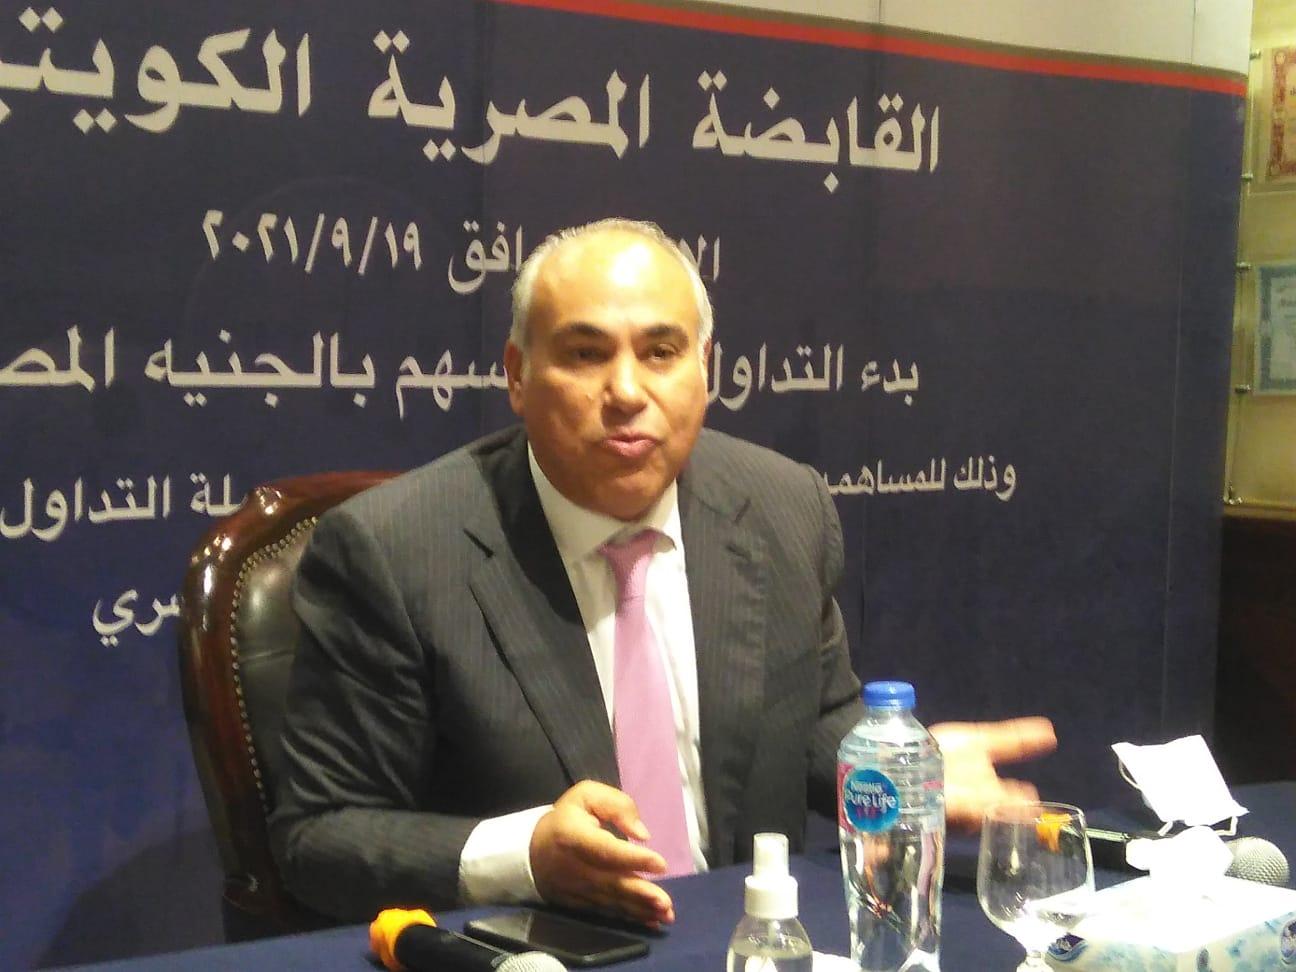 الشركة القابضة المصرية الكويتية - شريف الزيات خلال المؤتمر الصحفي